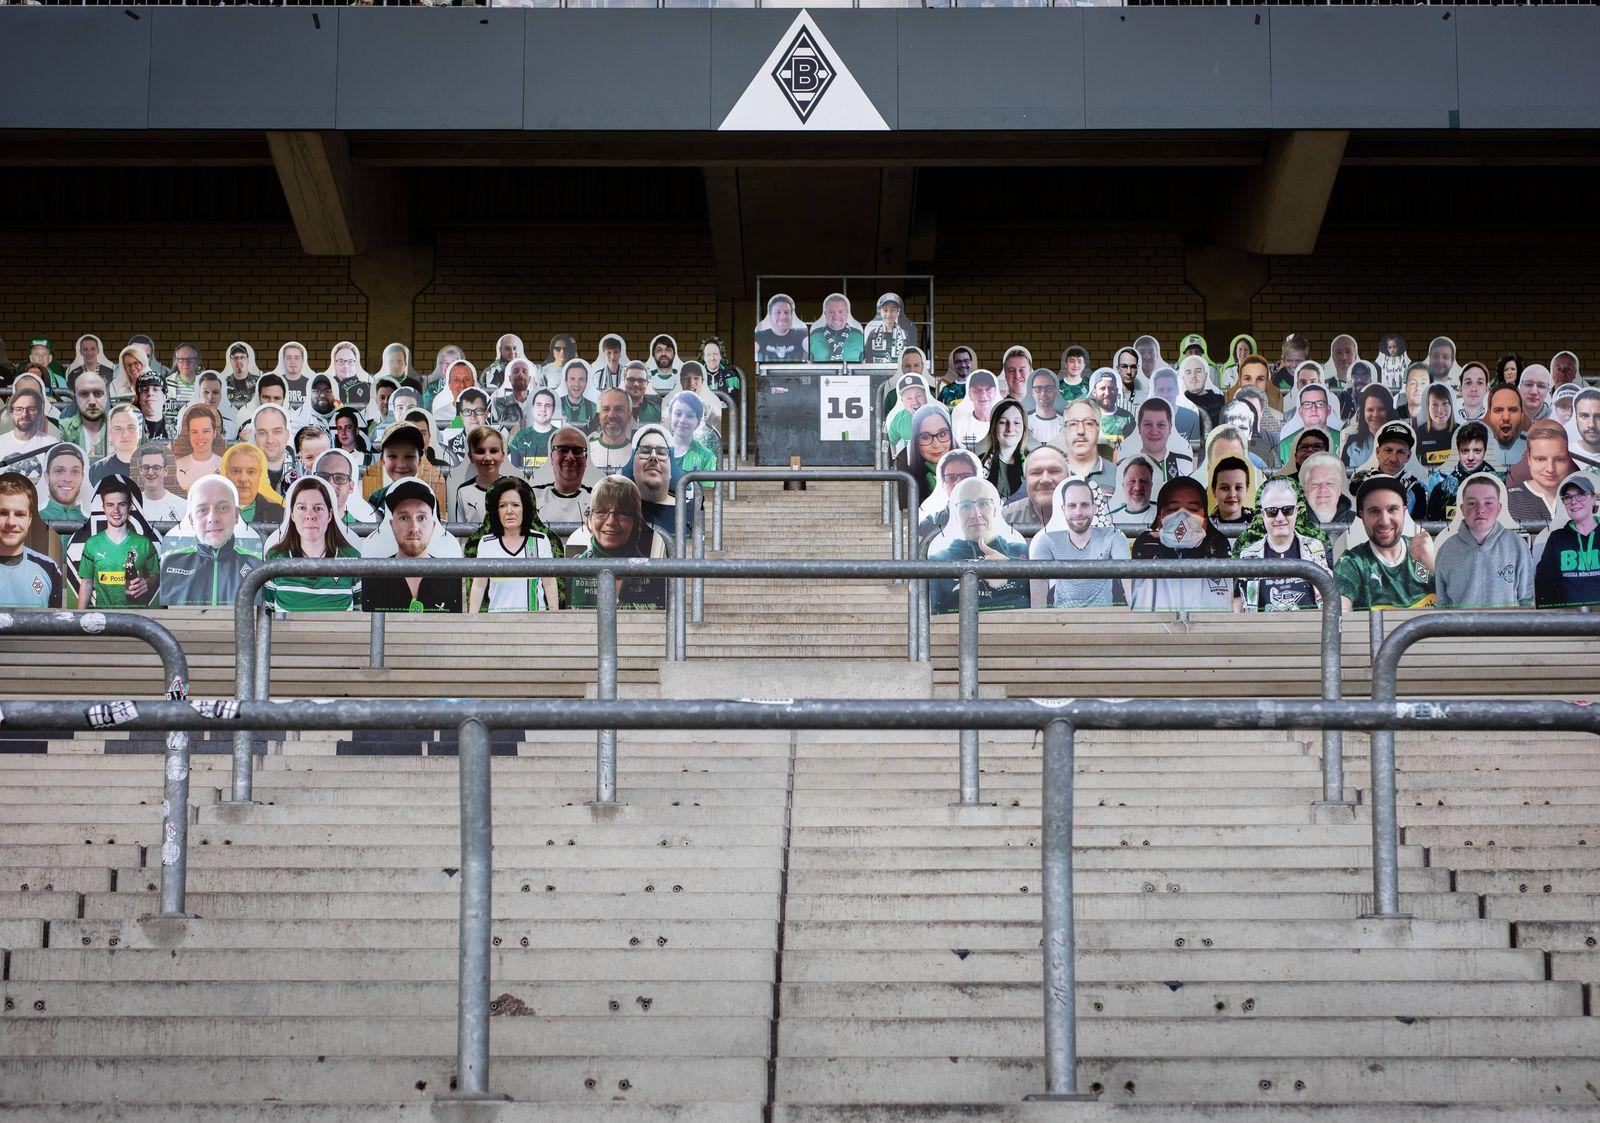 Mönchengladbach, 16.04.2020 Fans von Borussia konnten ihren eigenen Pappaufsteller in der Fankurve aufstellen lassen Bo